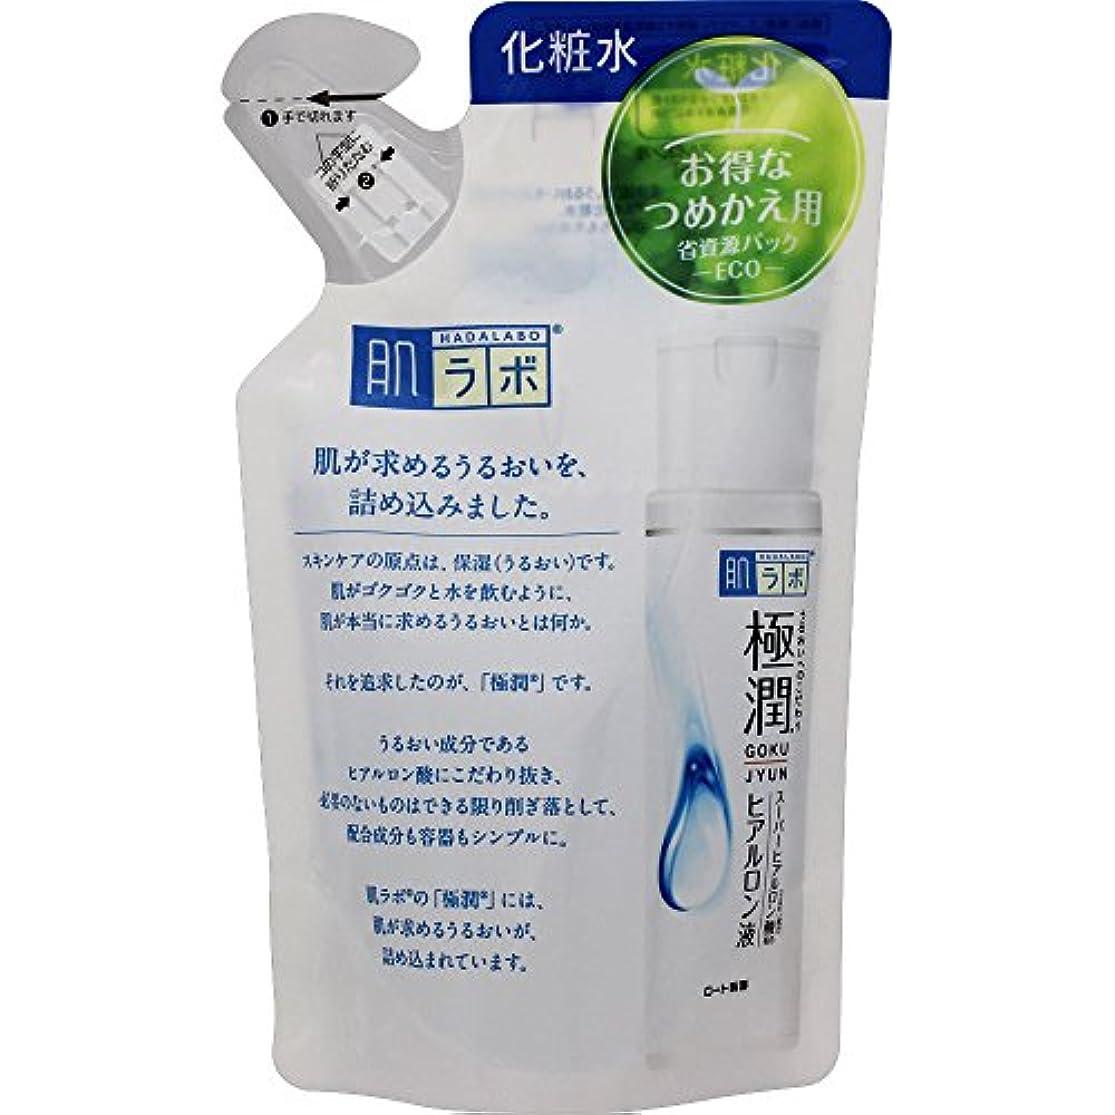 欠乏著作権レトルト肌ラボ 極潤 ヒアルロン酸 化粧水 ヒアルロン酸3種配合 詰替用 170ml